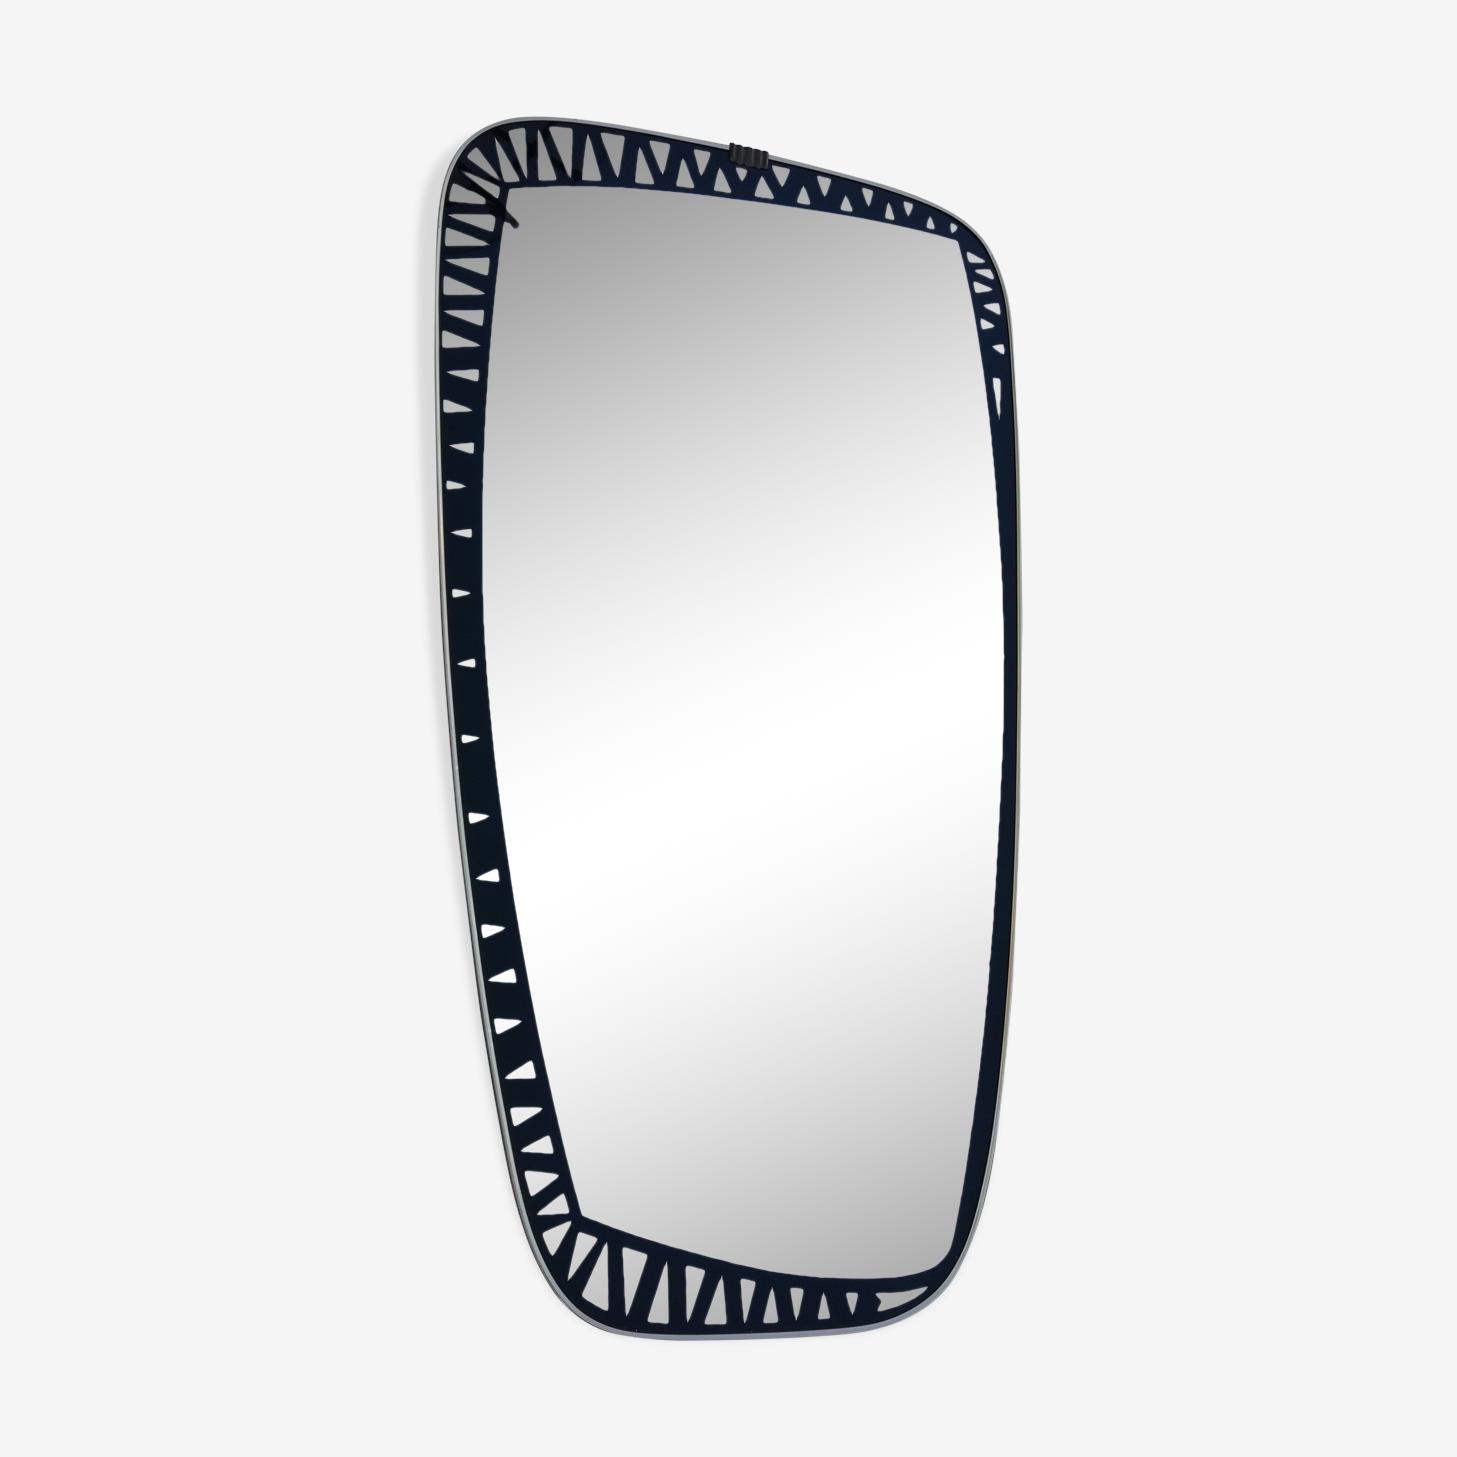 Miroir rétroviseur 44x77cm